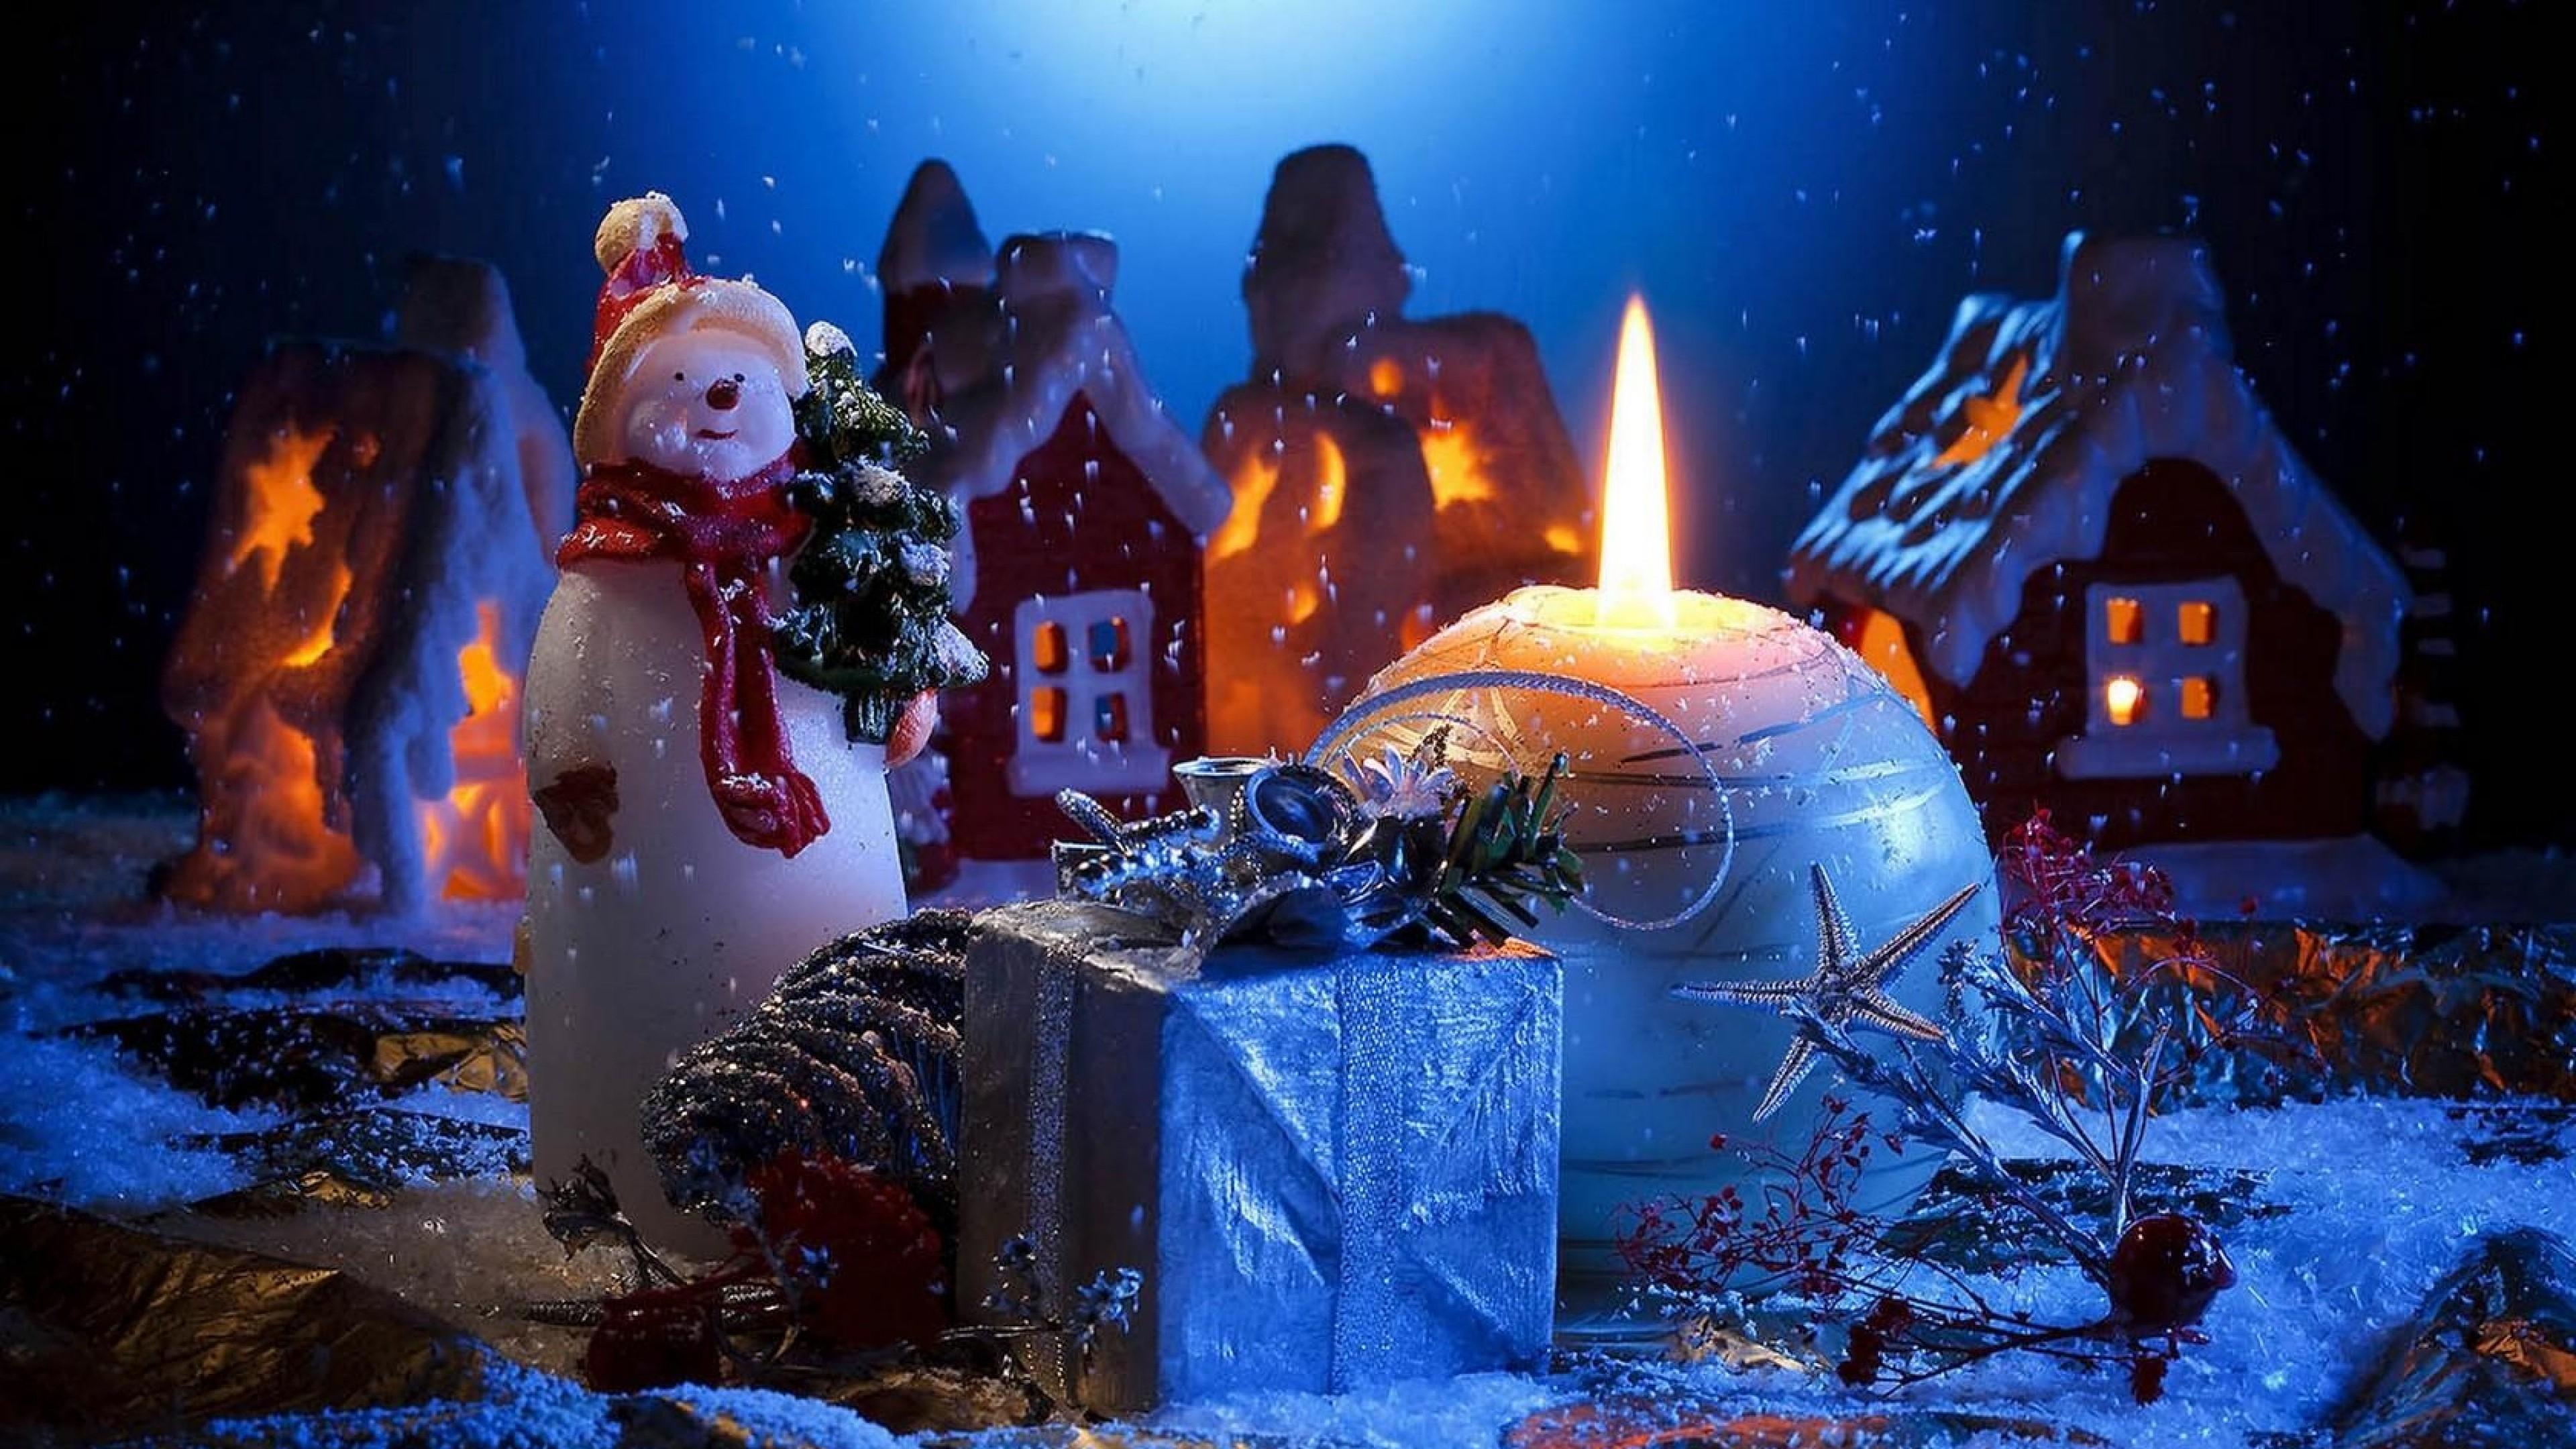 Christmas Home Wallpaper